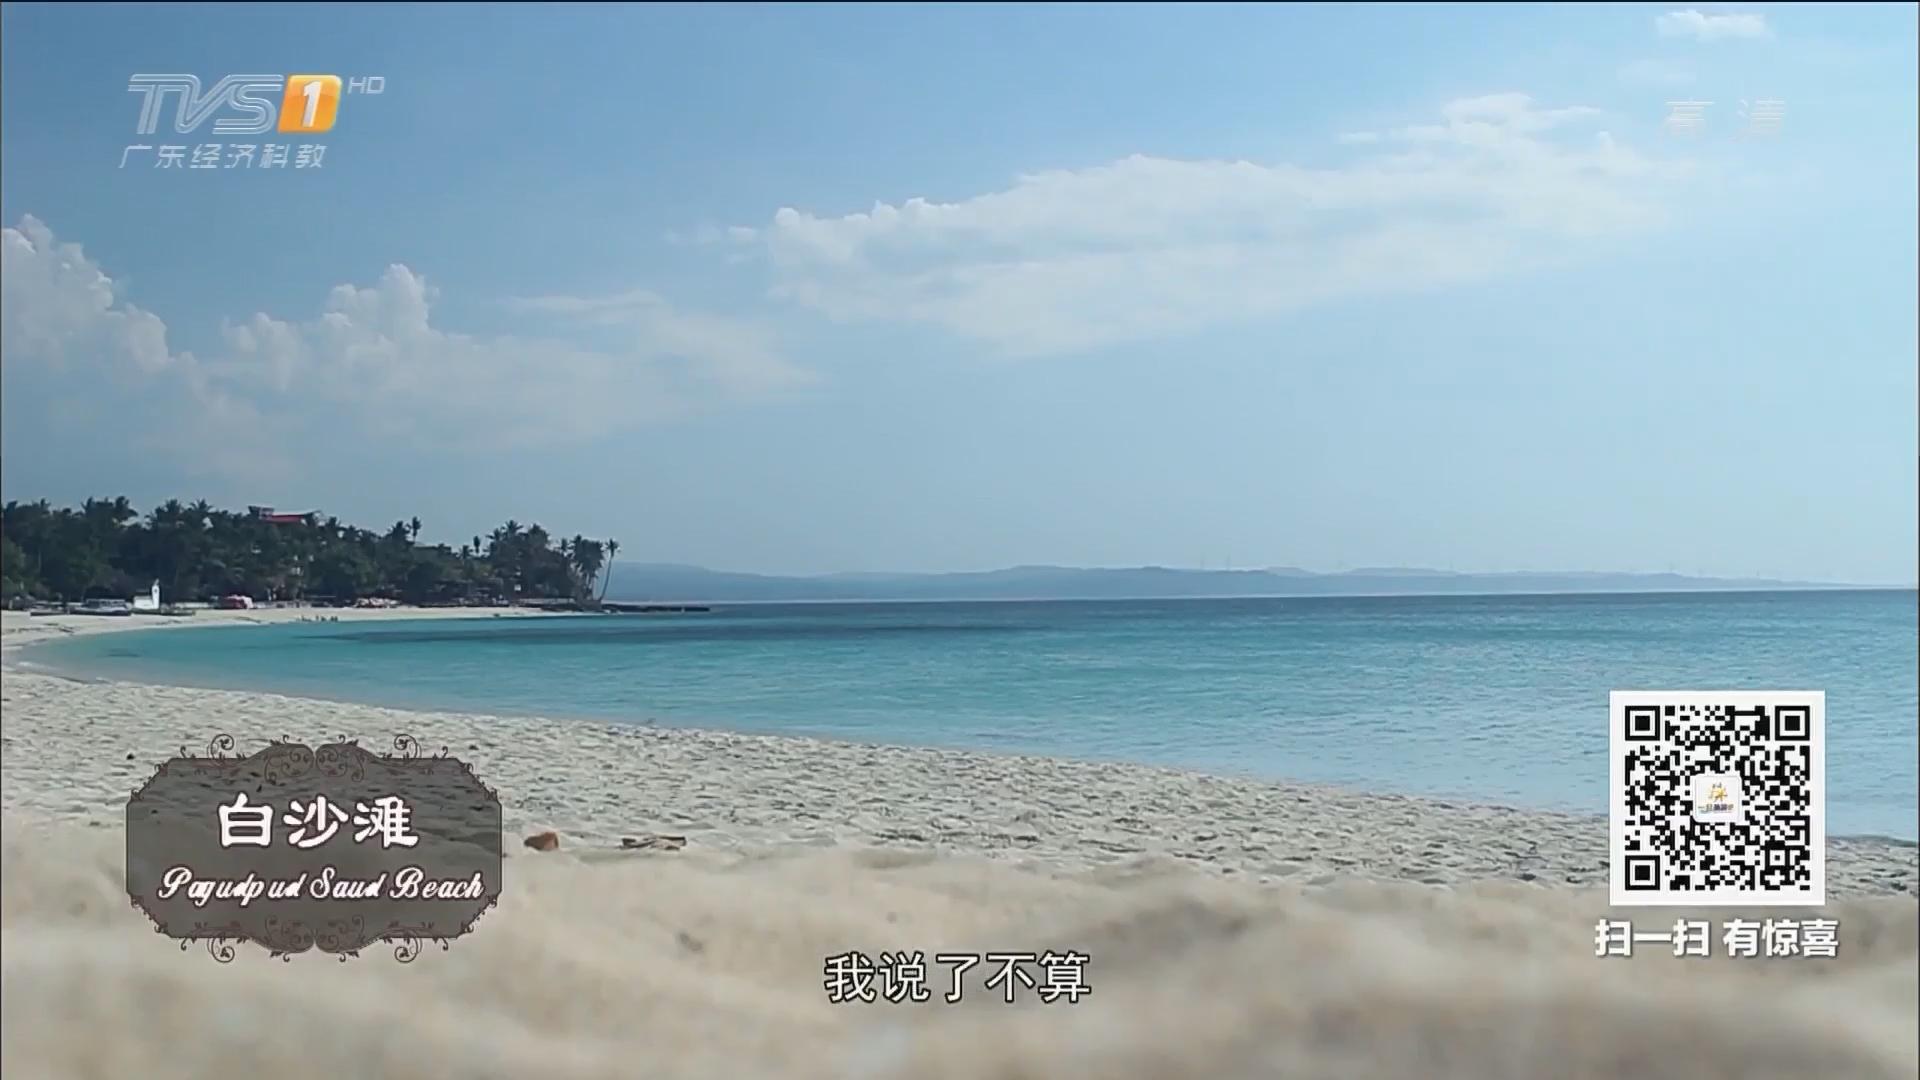 菲律宾——白沙滩